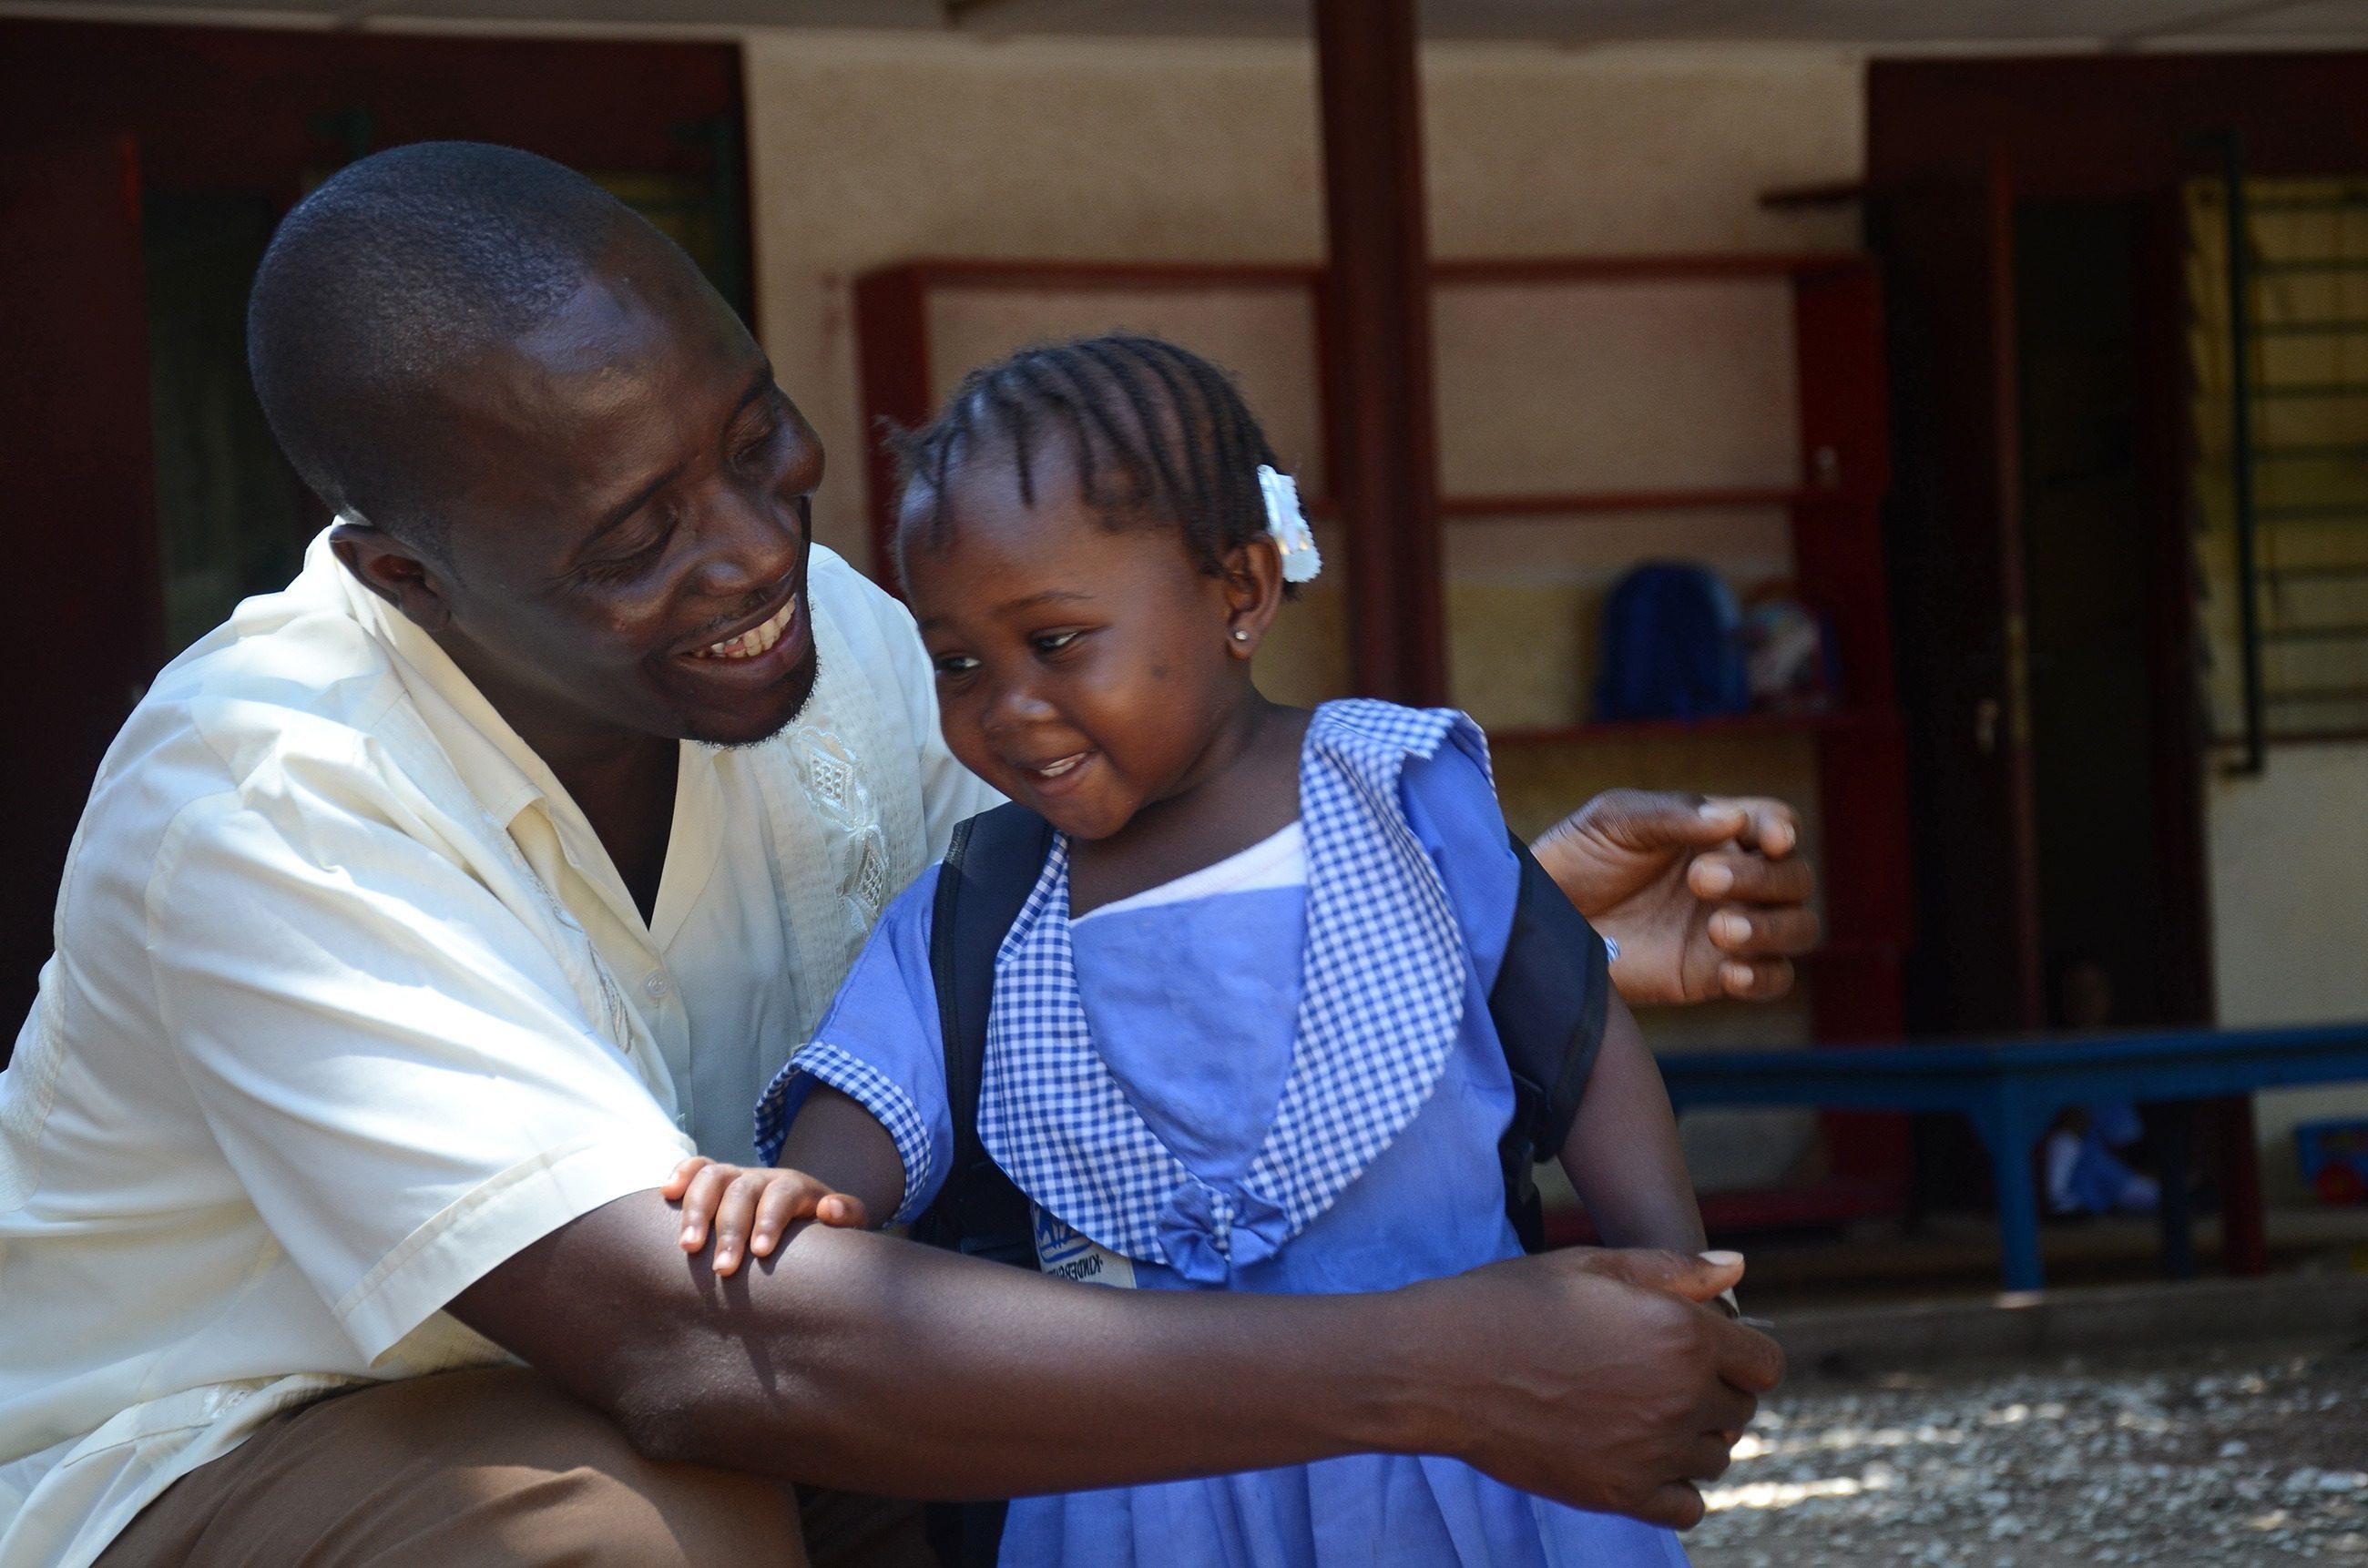 Un professeur africain et une écolière au village d'enfants SOS.